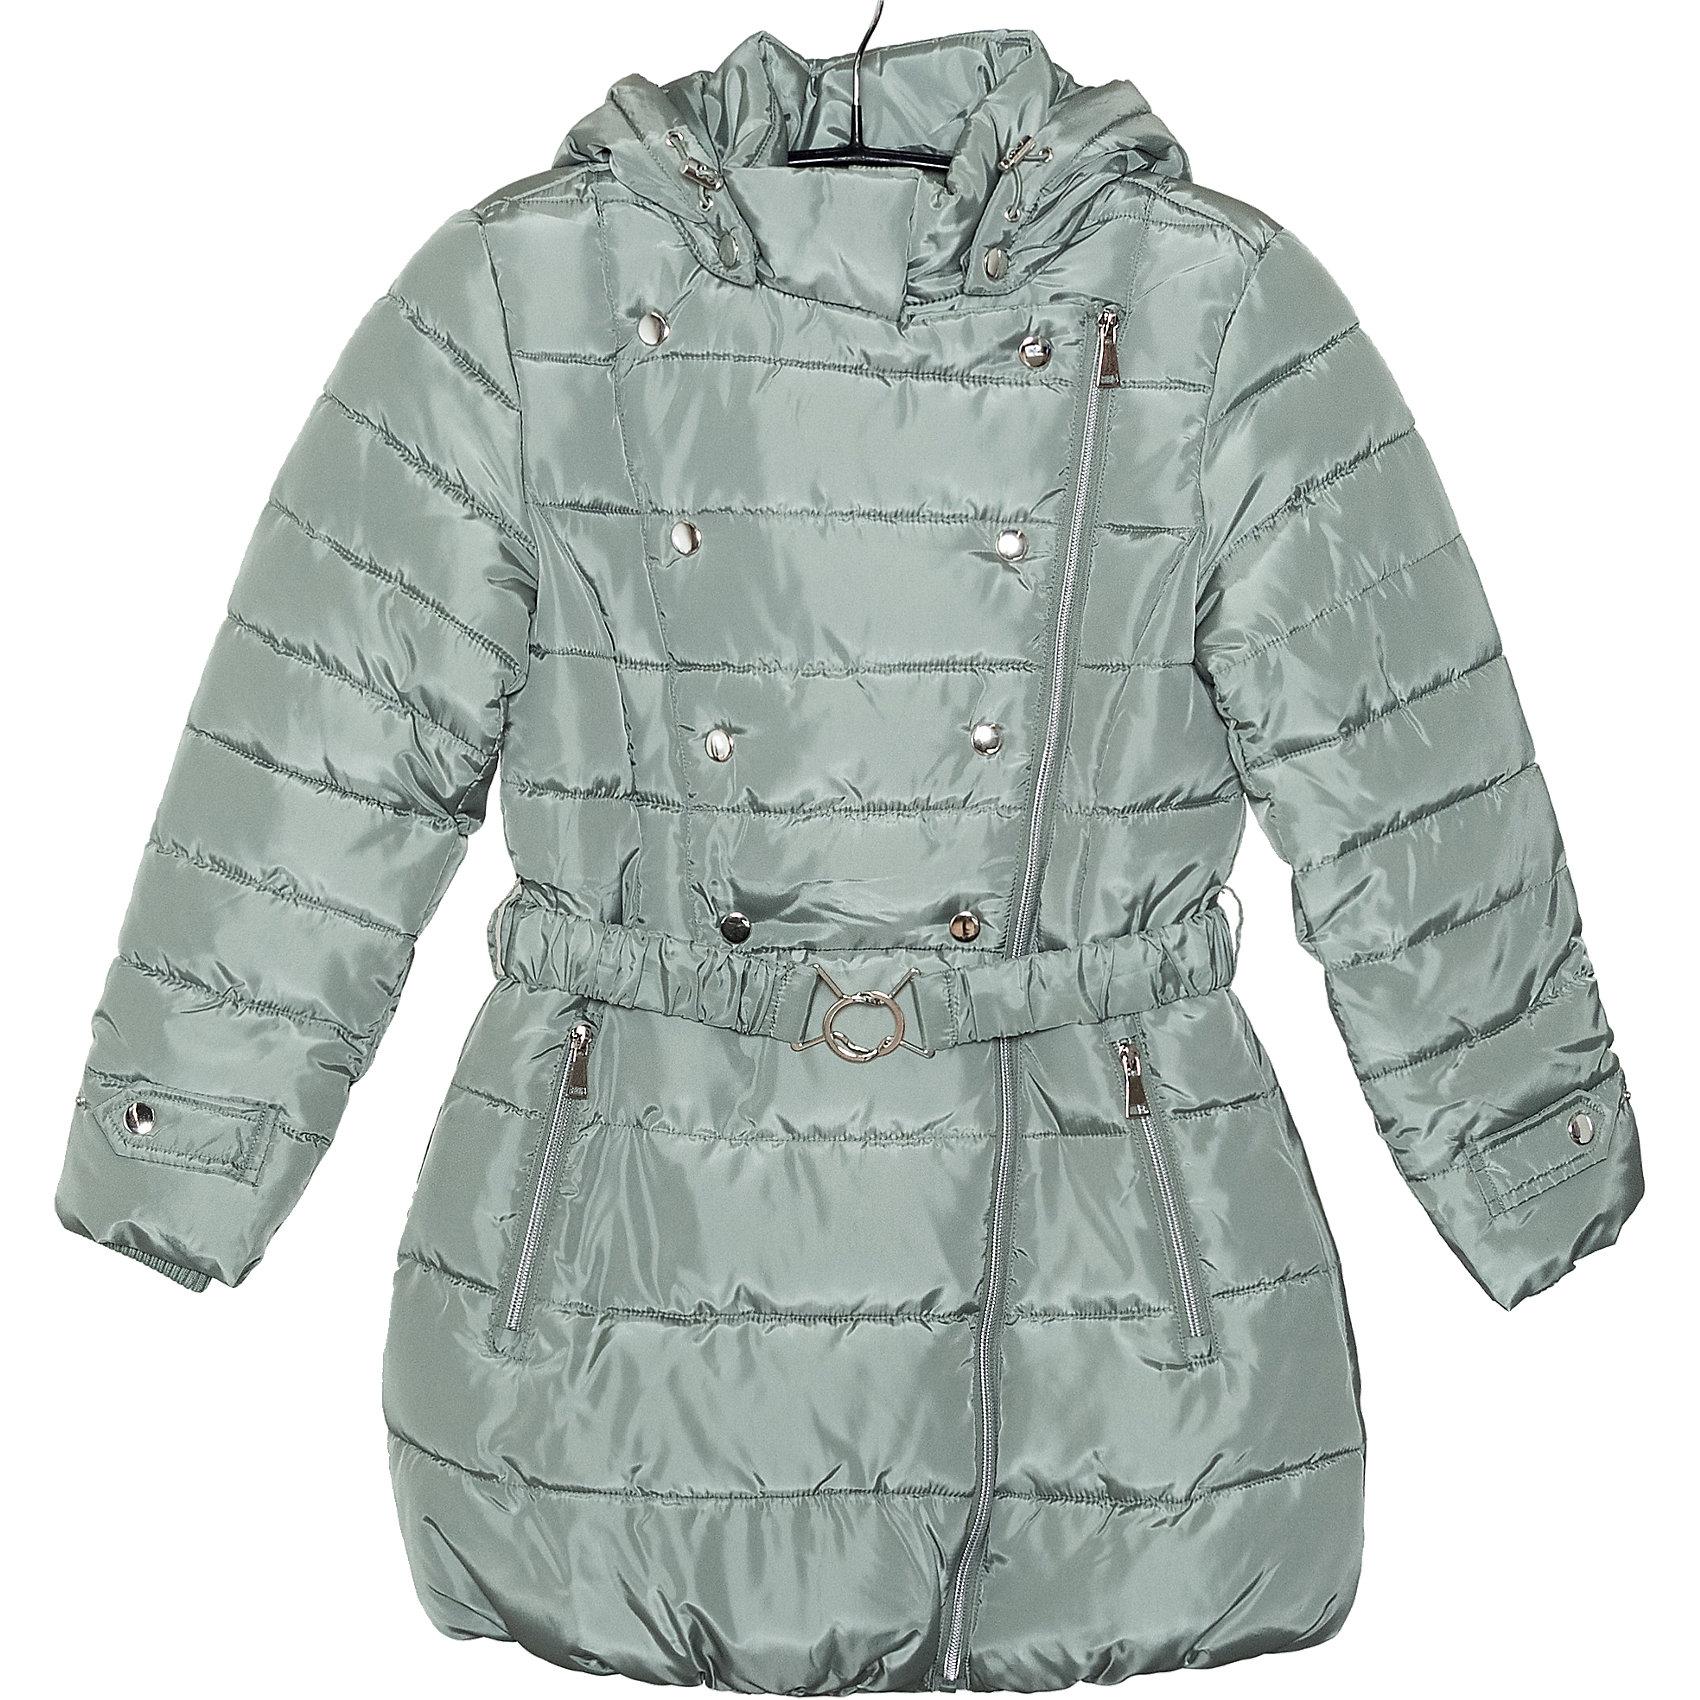 Пальто для девочки SELAДетская одежда от SELA - это качественные модные вещи по привлекательным ценам. Данная модель относится к коллекции нового сезона, она учитывает последние тренды в моде, поэтому смотрится стильно, с ней можно создать множество ансамблей.<br>Пальто утеплено, оно отлично подходит для межсезонья. Длина до колена и пояс на талии обеспечат ребенку тепло и удобство. Капюшон отстегивается. Изделие сшито из тщательно подобранных материалов, абсолютно безопасных для ребенка.<br><br><br>Дополнительная информация:<br><br>цвет: зеленый;<br>состав: 100% ПЭ;<br>температурный режим: от - 5°С до + 10°С;<br>застежка: молния, кнопки;<br>длина: до колена;<br>карманы на молнии;<br>капюшон отстегивается.<br><br>Пальто для девочки от компании SELA можно купить в нашем магазине.<br><br>Ширина мм: 356<br>Глубина мм: 10<br>Высота мм: 245<br>Вес г: 519<br>Цвет: зеленый<br>Возраст от месяцев: 84<br>Возраст до месяцев: 96<br>Пол: Женский<br>Возраст: Детский<br>Размер: 128,152,140,116<br>SKU: 4912926